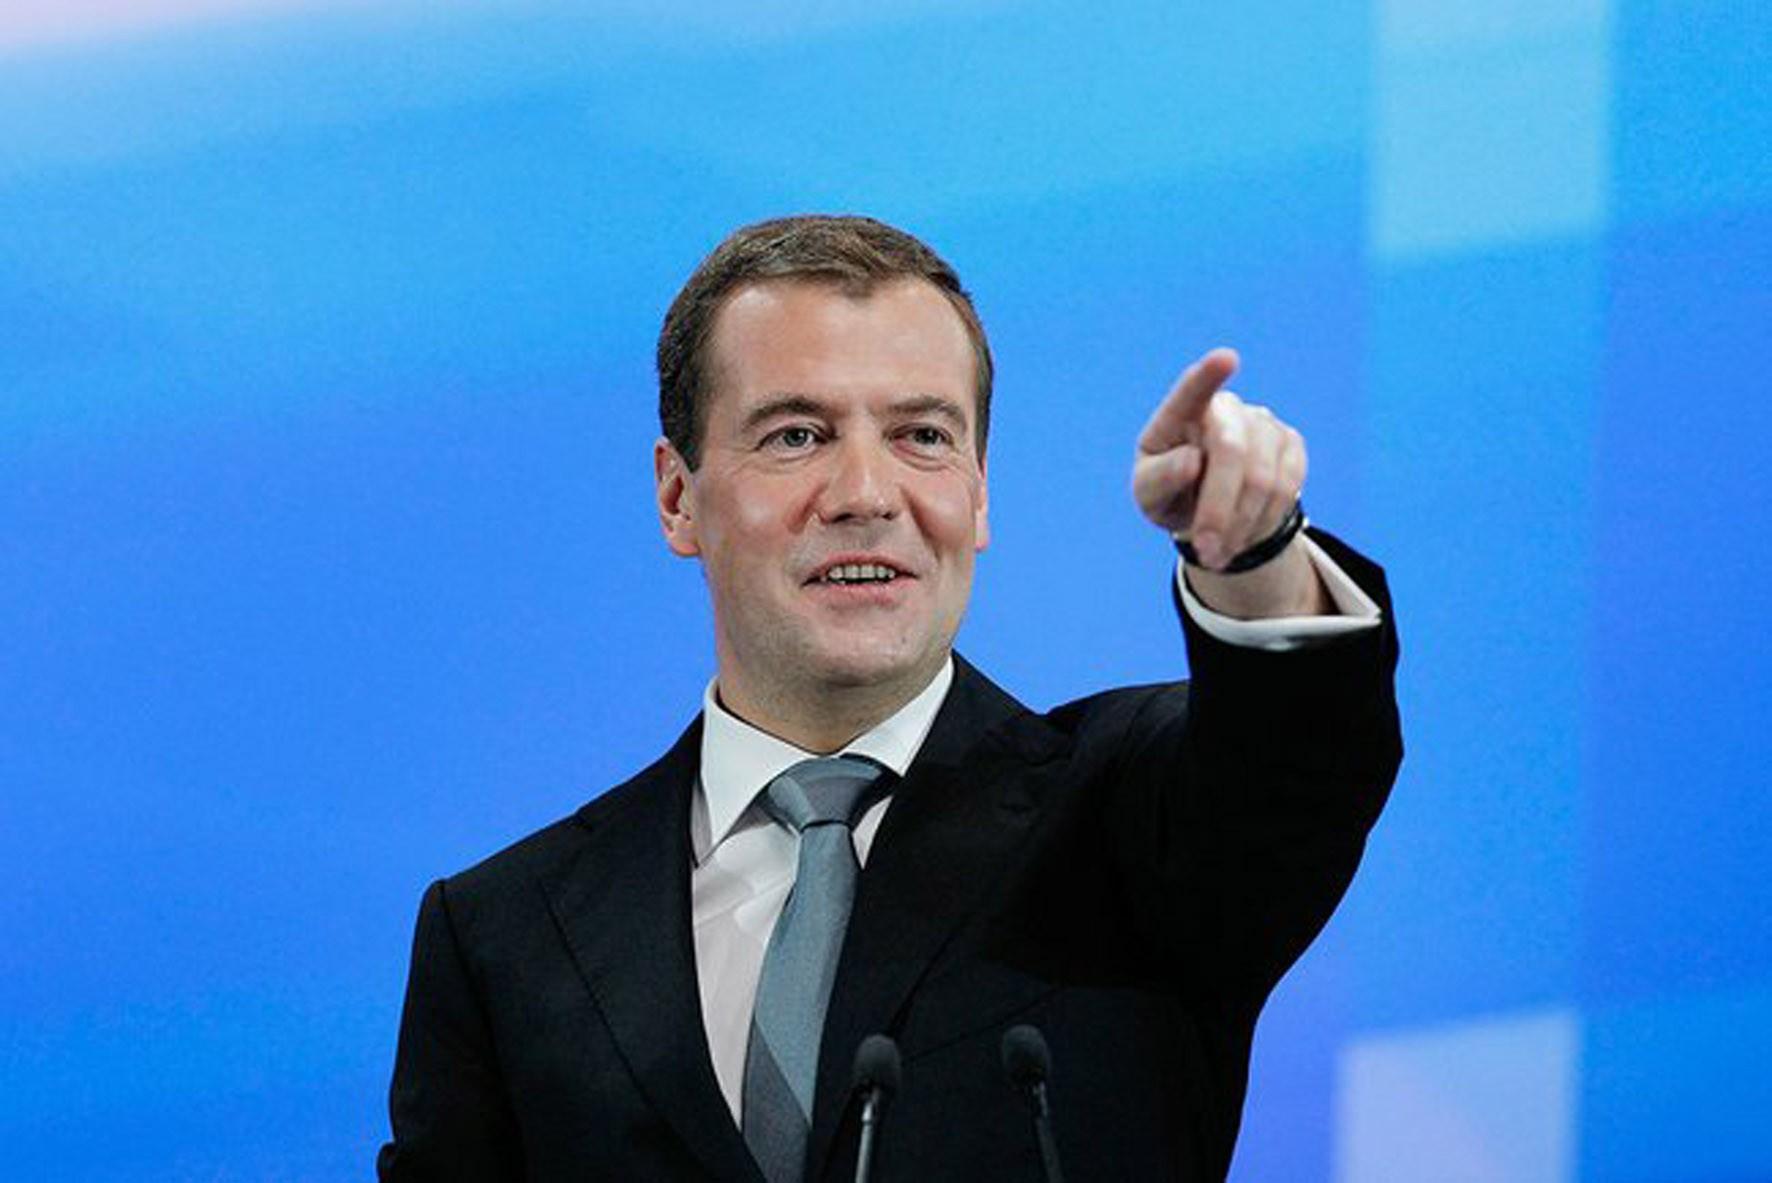 1440070325 medvedev - В Югру летят Медведев, Сечин и еще 200 высокопоставленных лиц